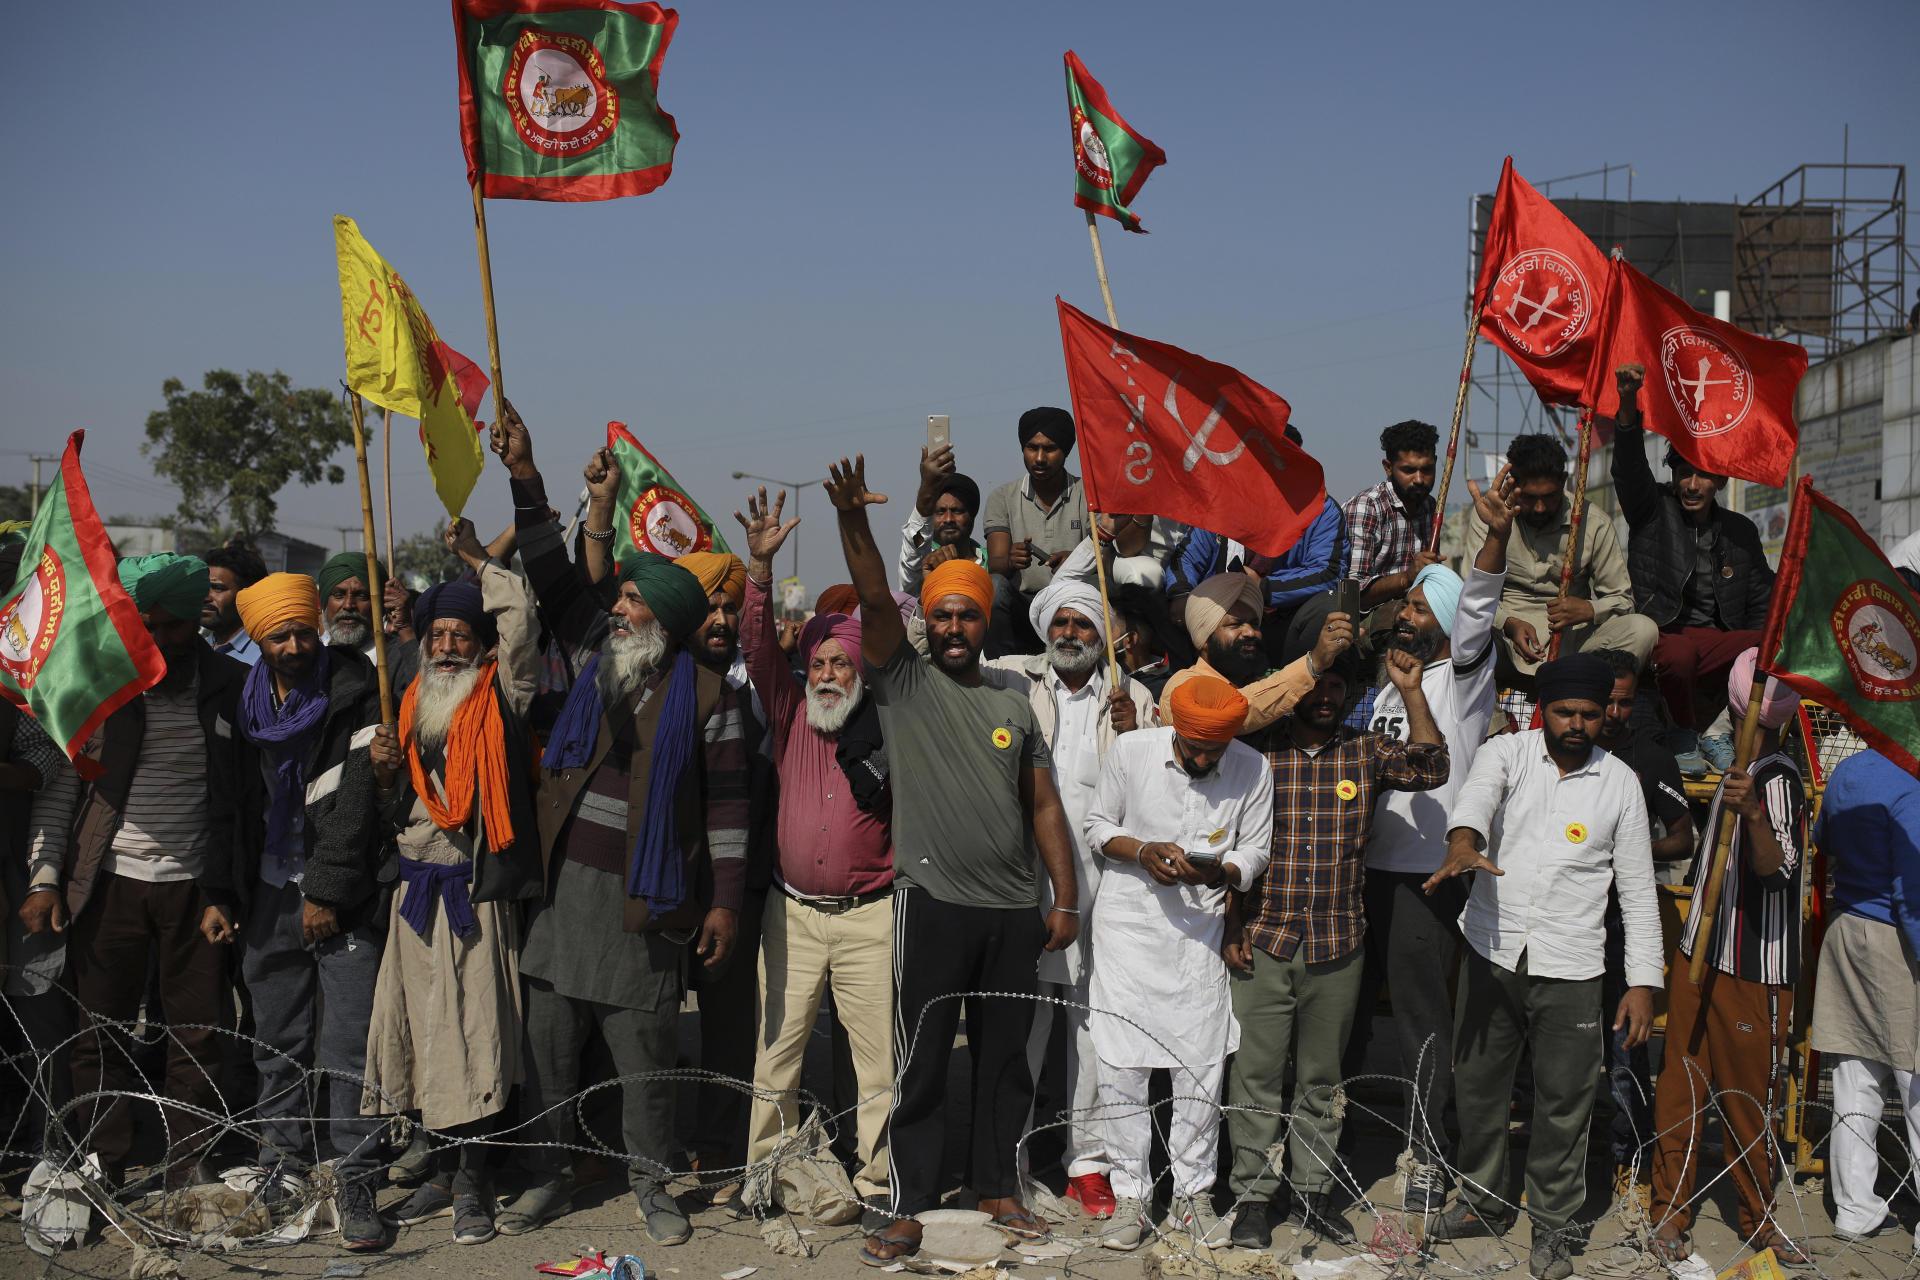 Manifestation de paysans indiens,contre la libéralisation des marchés, à la frontière entre Delhi et l'Etat de l'Haryana, le 27 novembre.